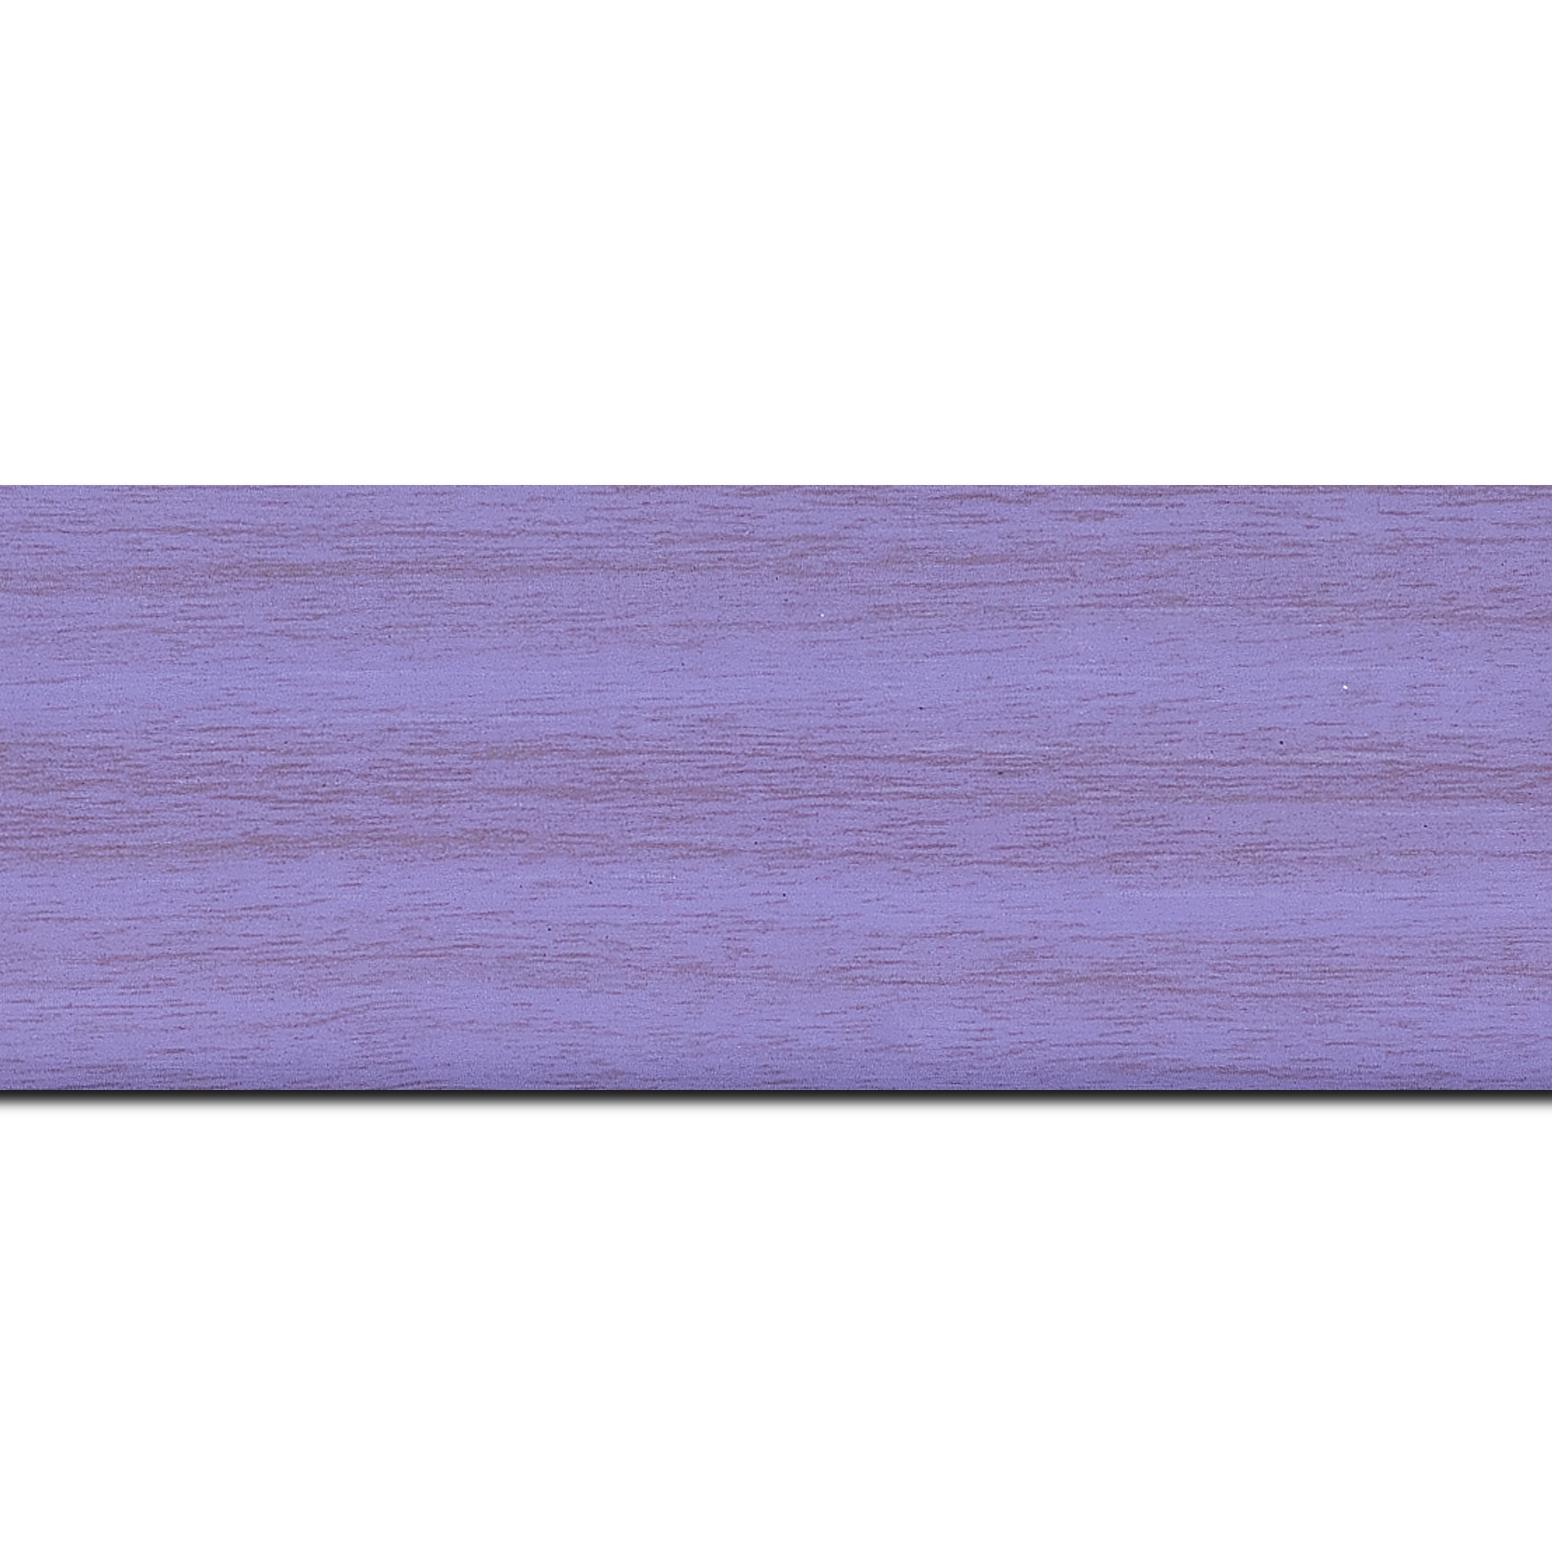 Pack par 12m, bois profil plat largeur 6cm violet satiné effet veiné ,chant extérieur du cadre de couleur noire(longueur baguette pouvant varier entre 2.40m et 3m selon arrivage des bois)